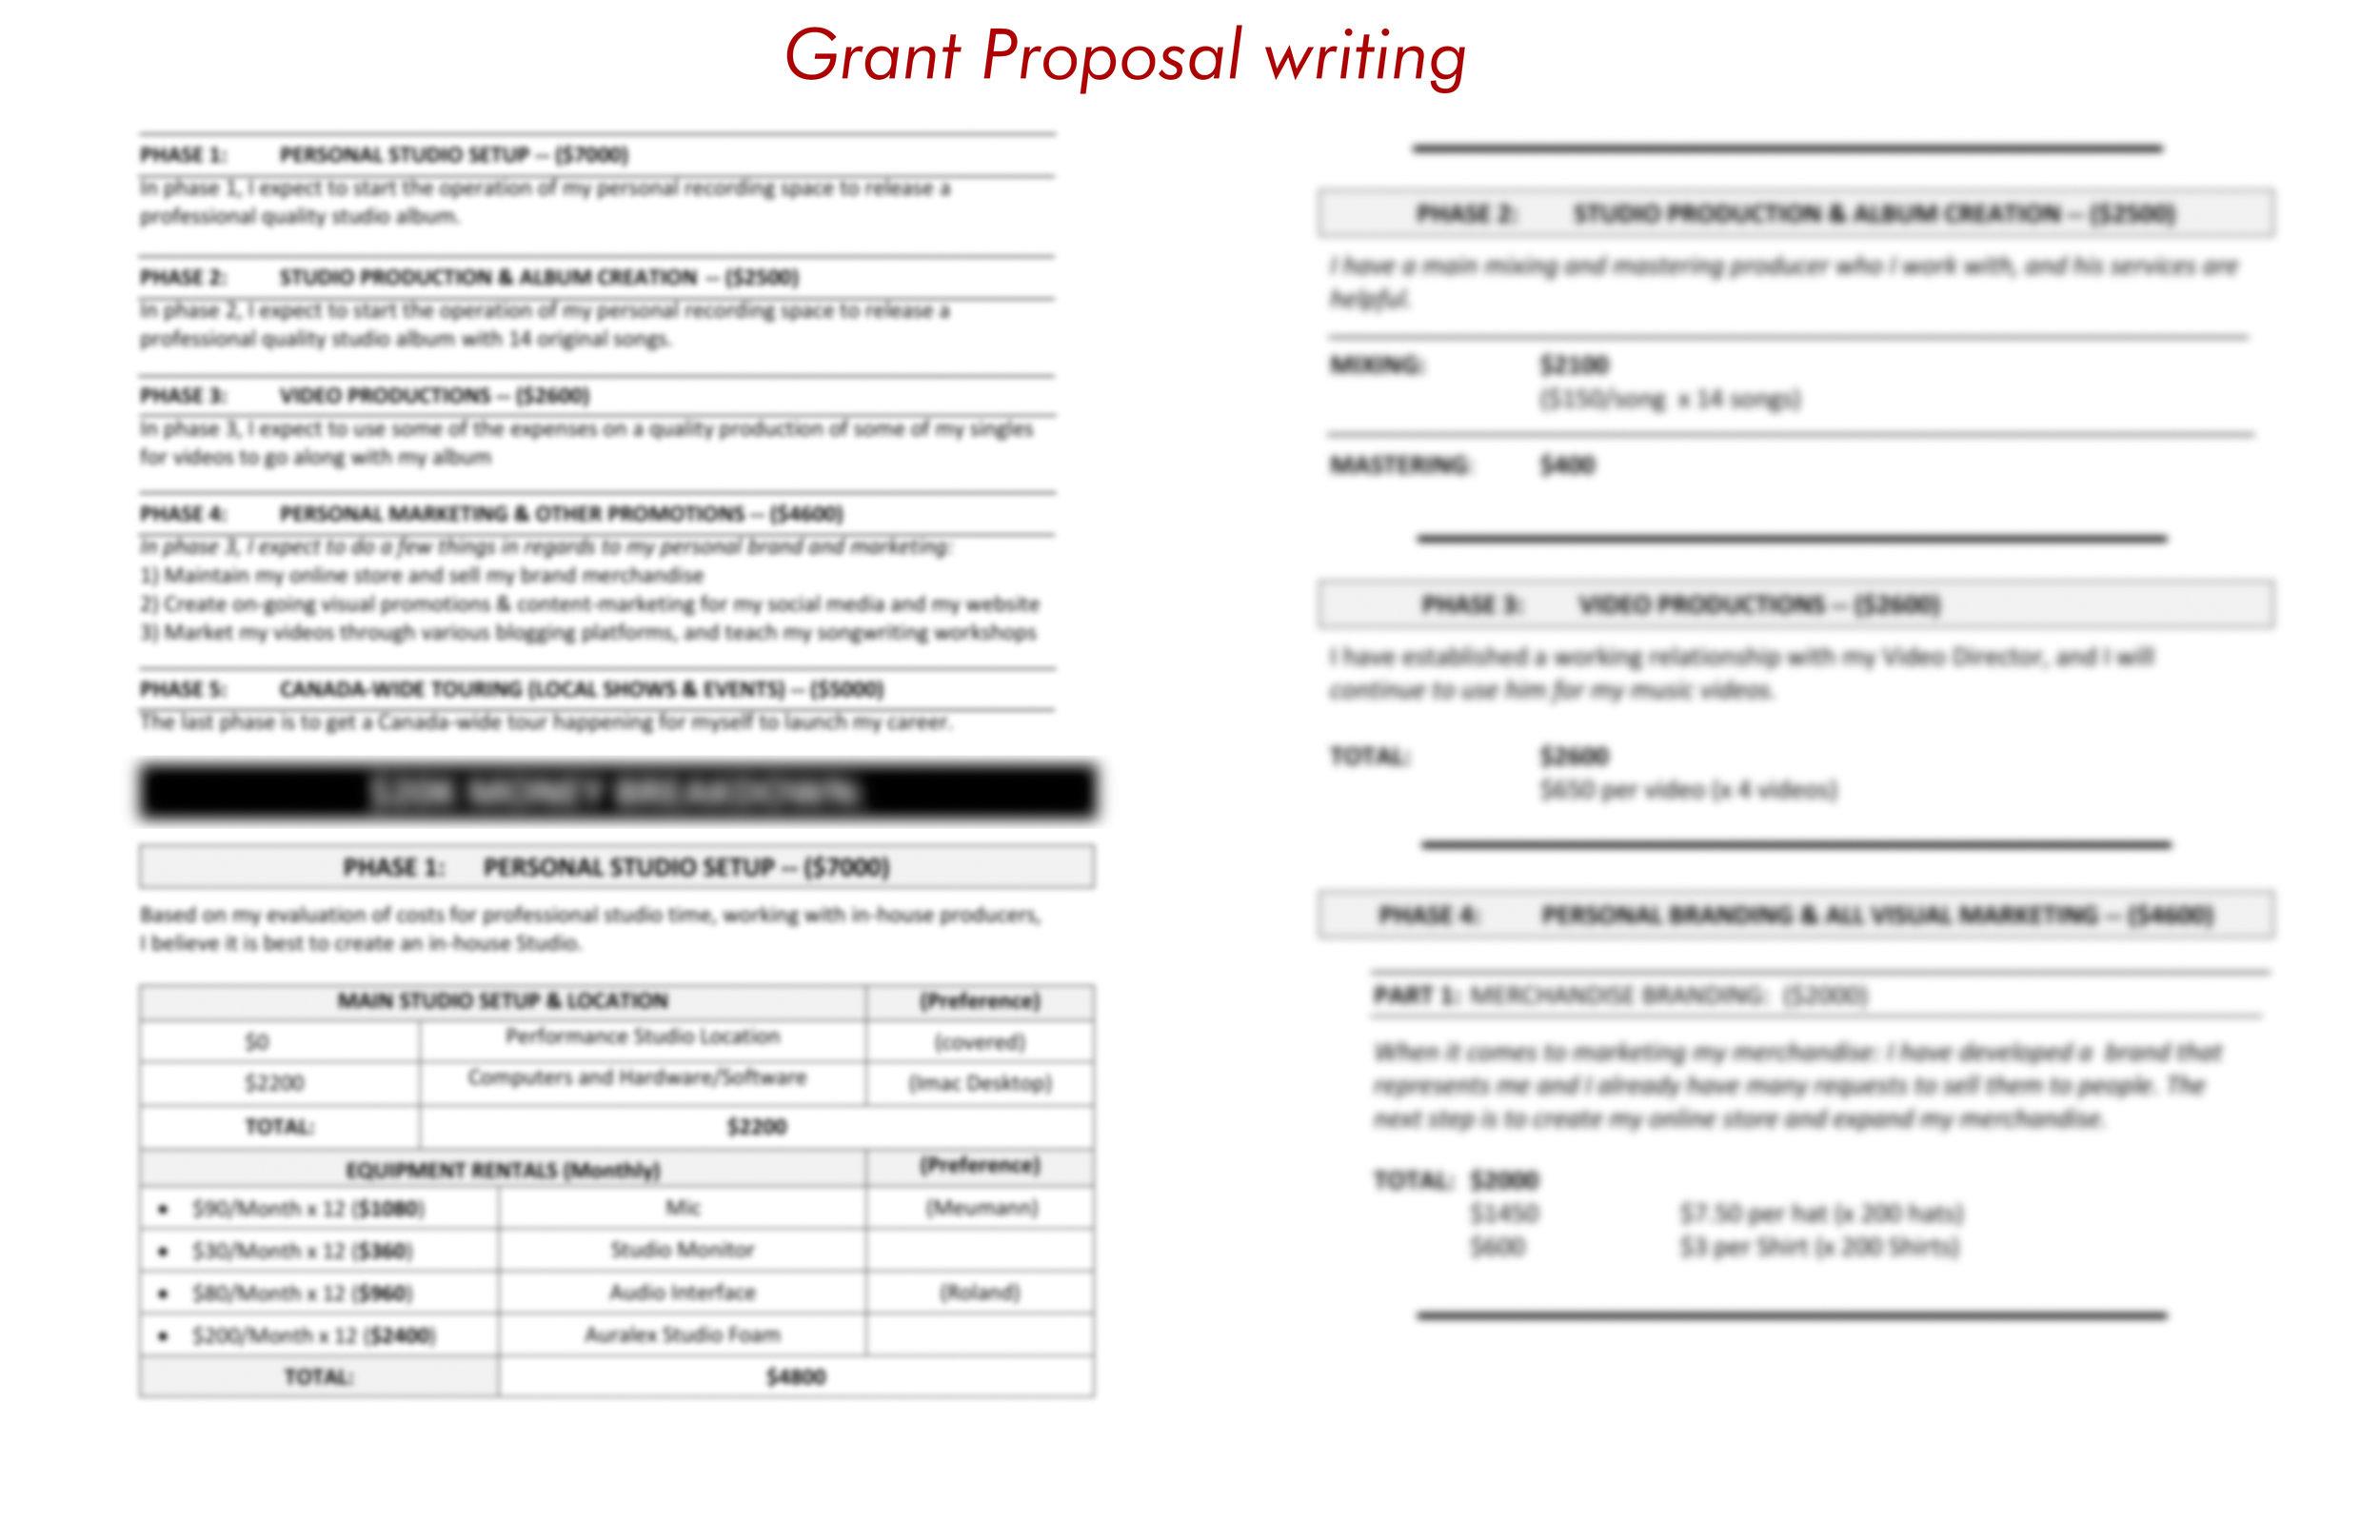 OxT_Grant Writing 1.jpg